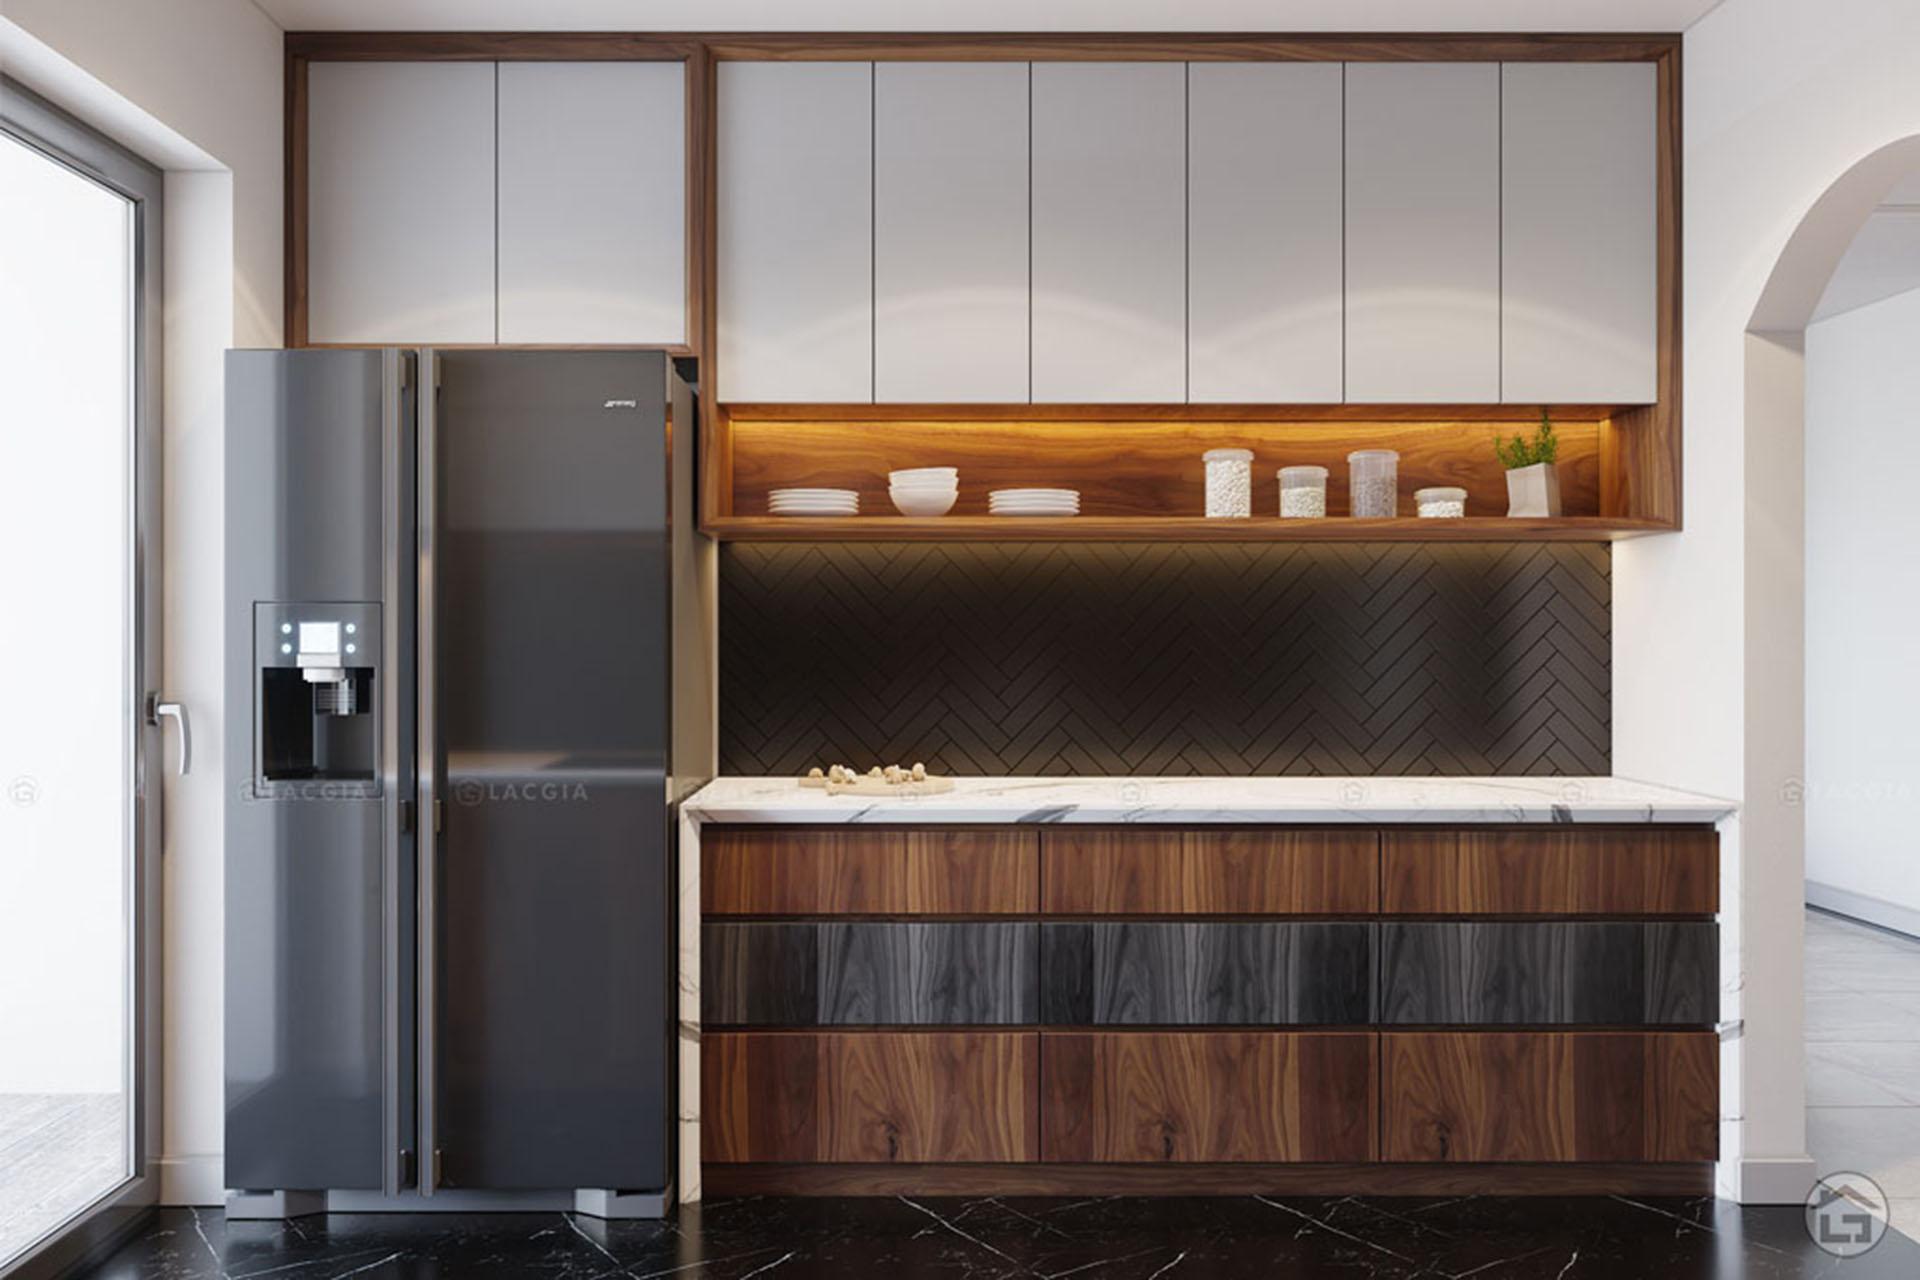 Cách bố trí nội thất và đồ dùng phòng bếp